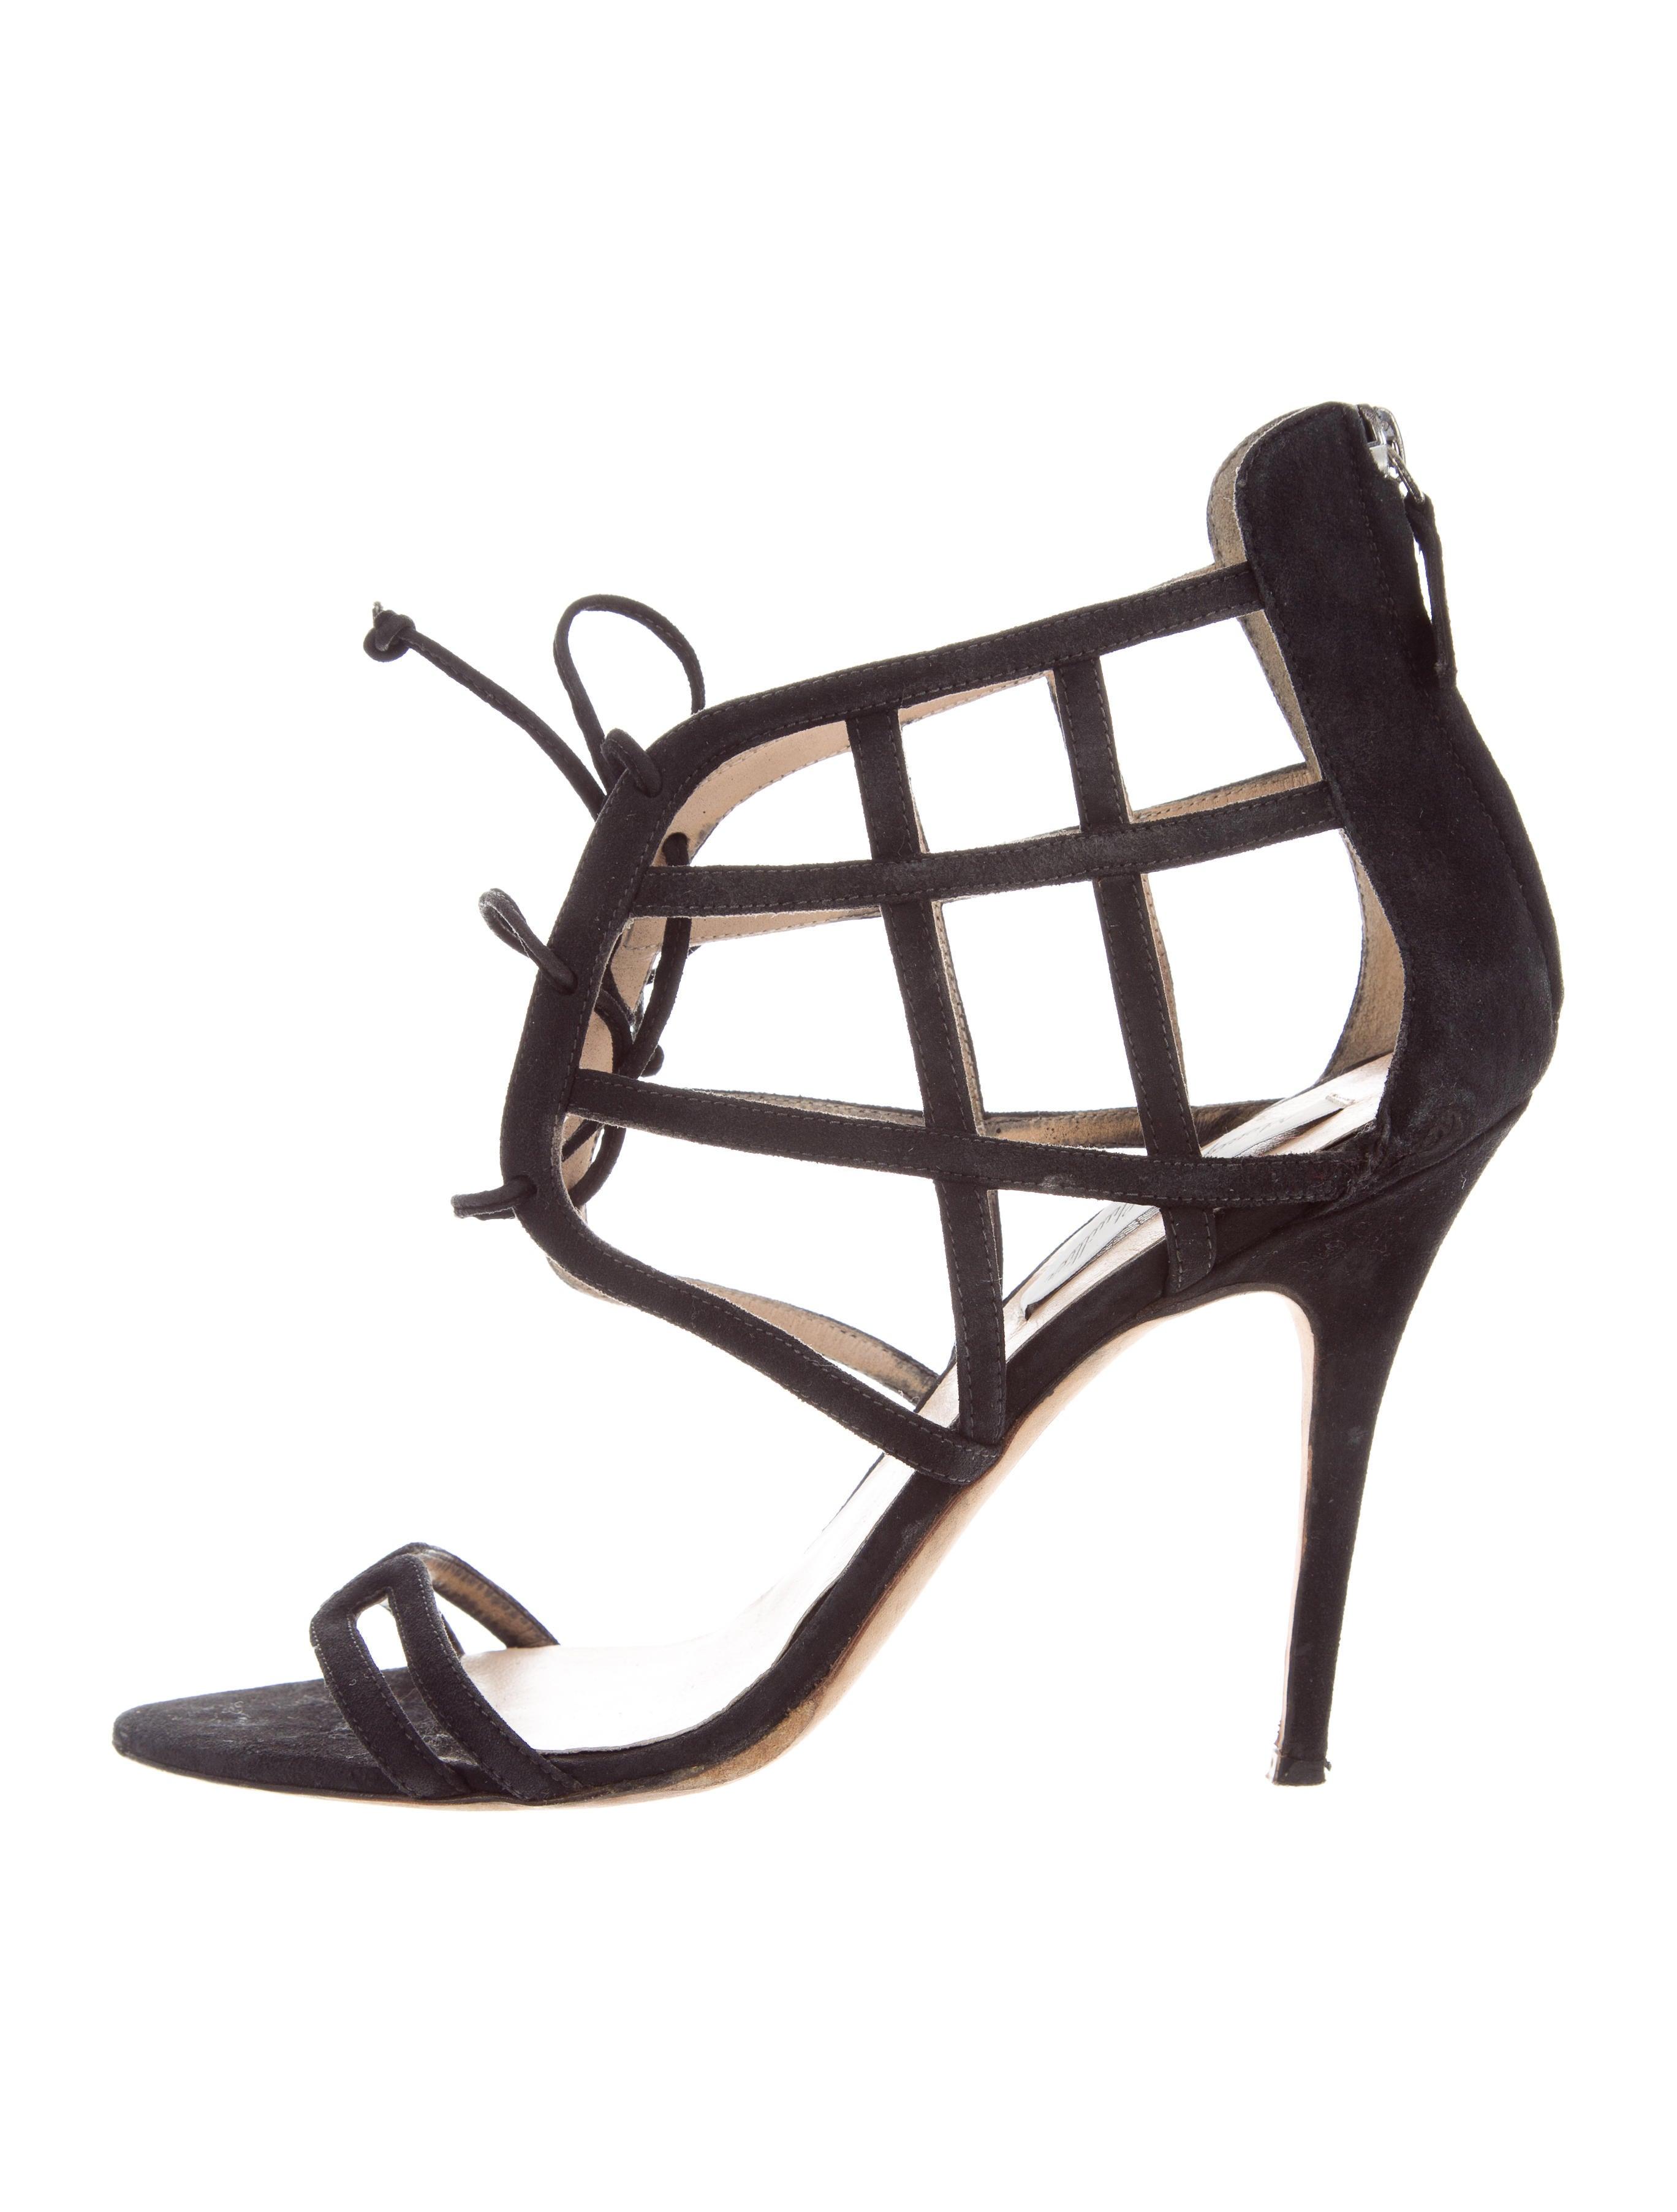 Monique Lhuillier Suede Cage Sandals finishline pick a best sale online big sale iRtIlsHYFq